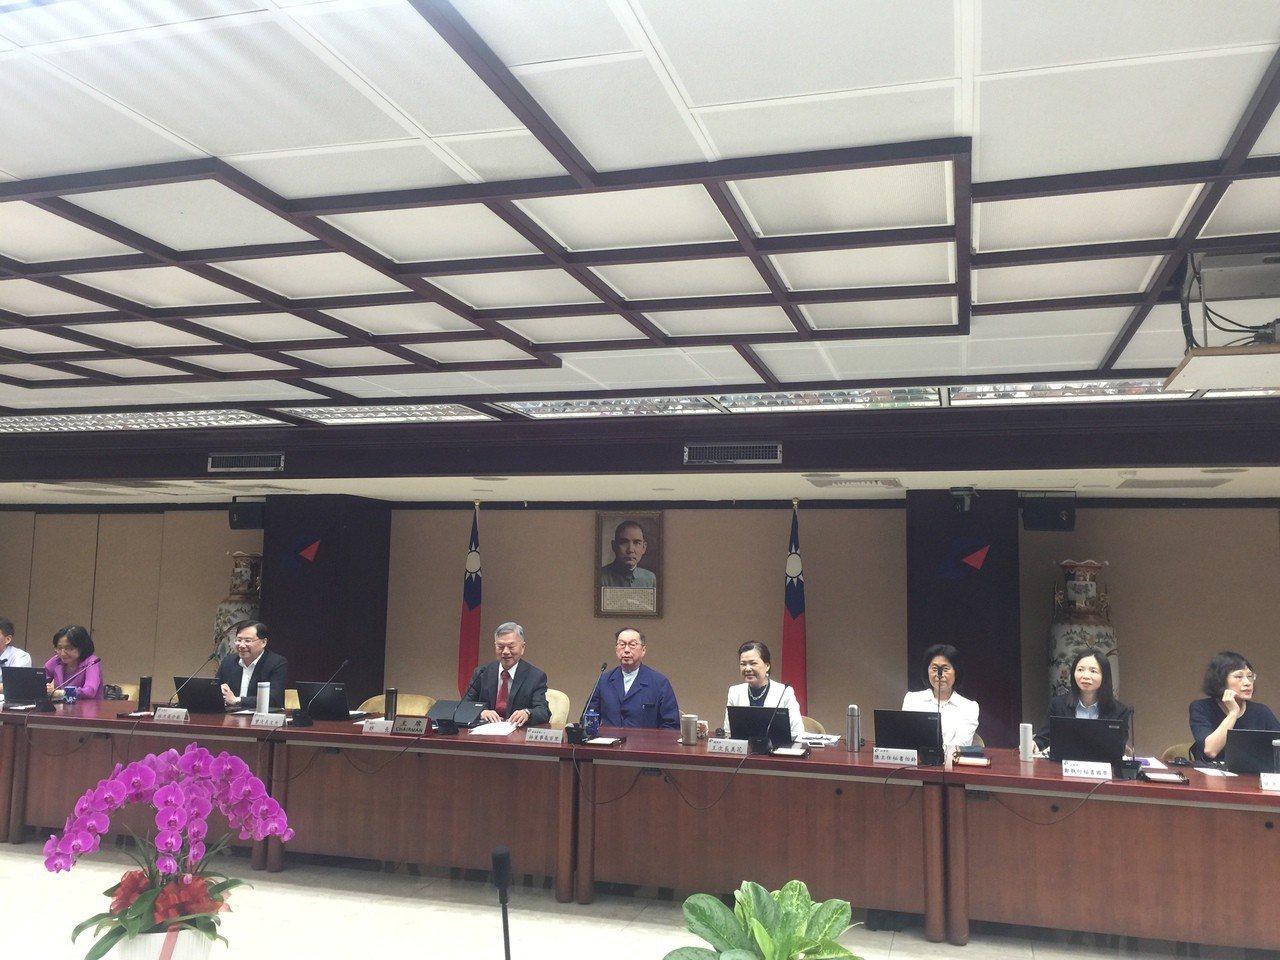 經濟部長沈榮津邀請廣達董事長林百里出席經濟部務會議。記者張語羚/攝影